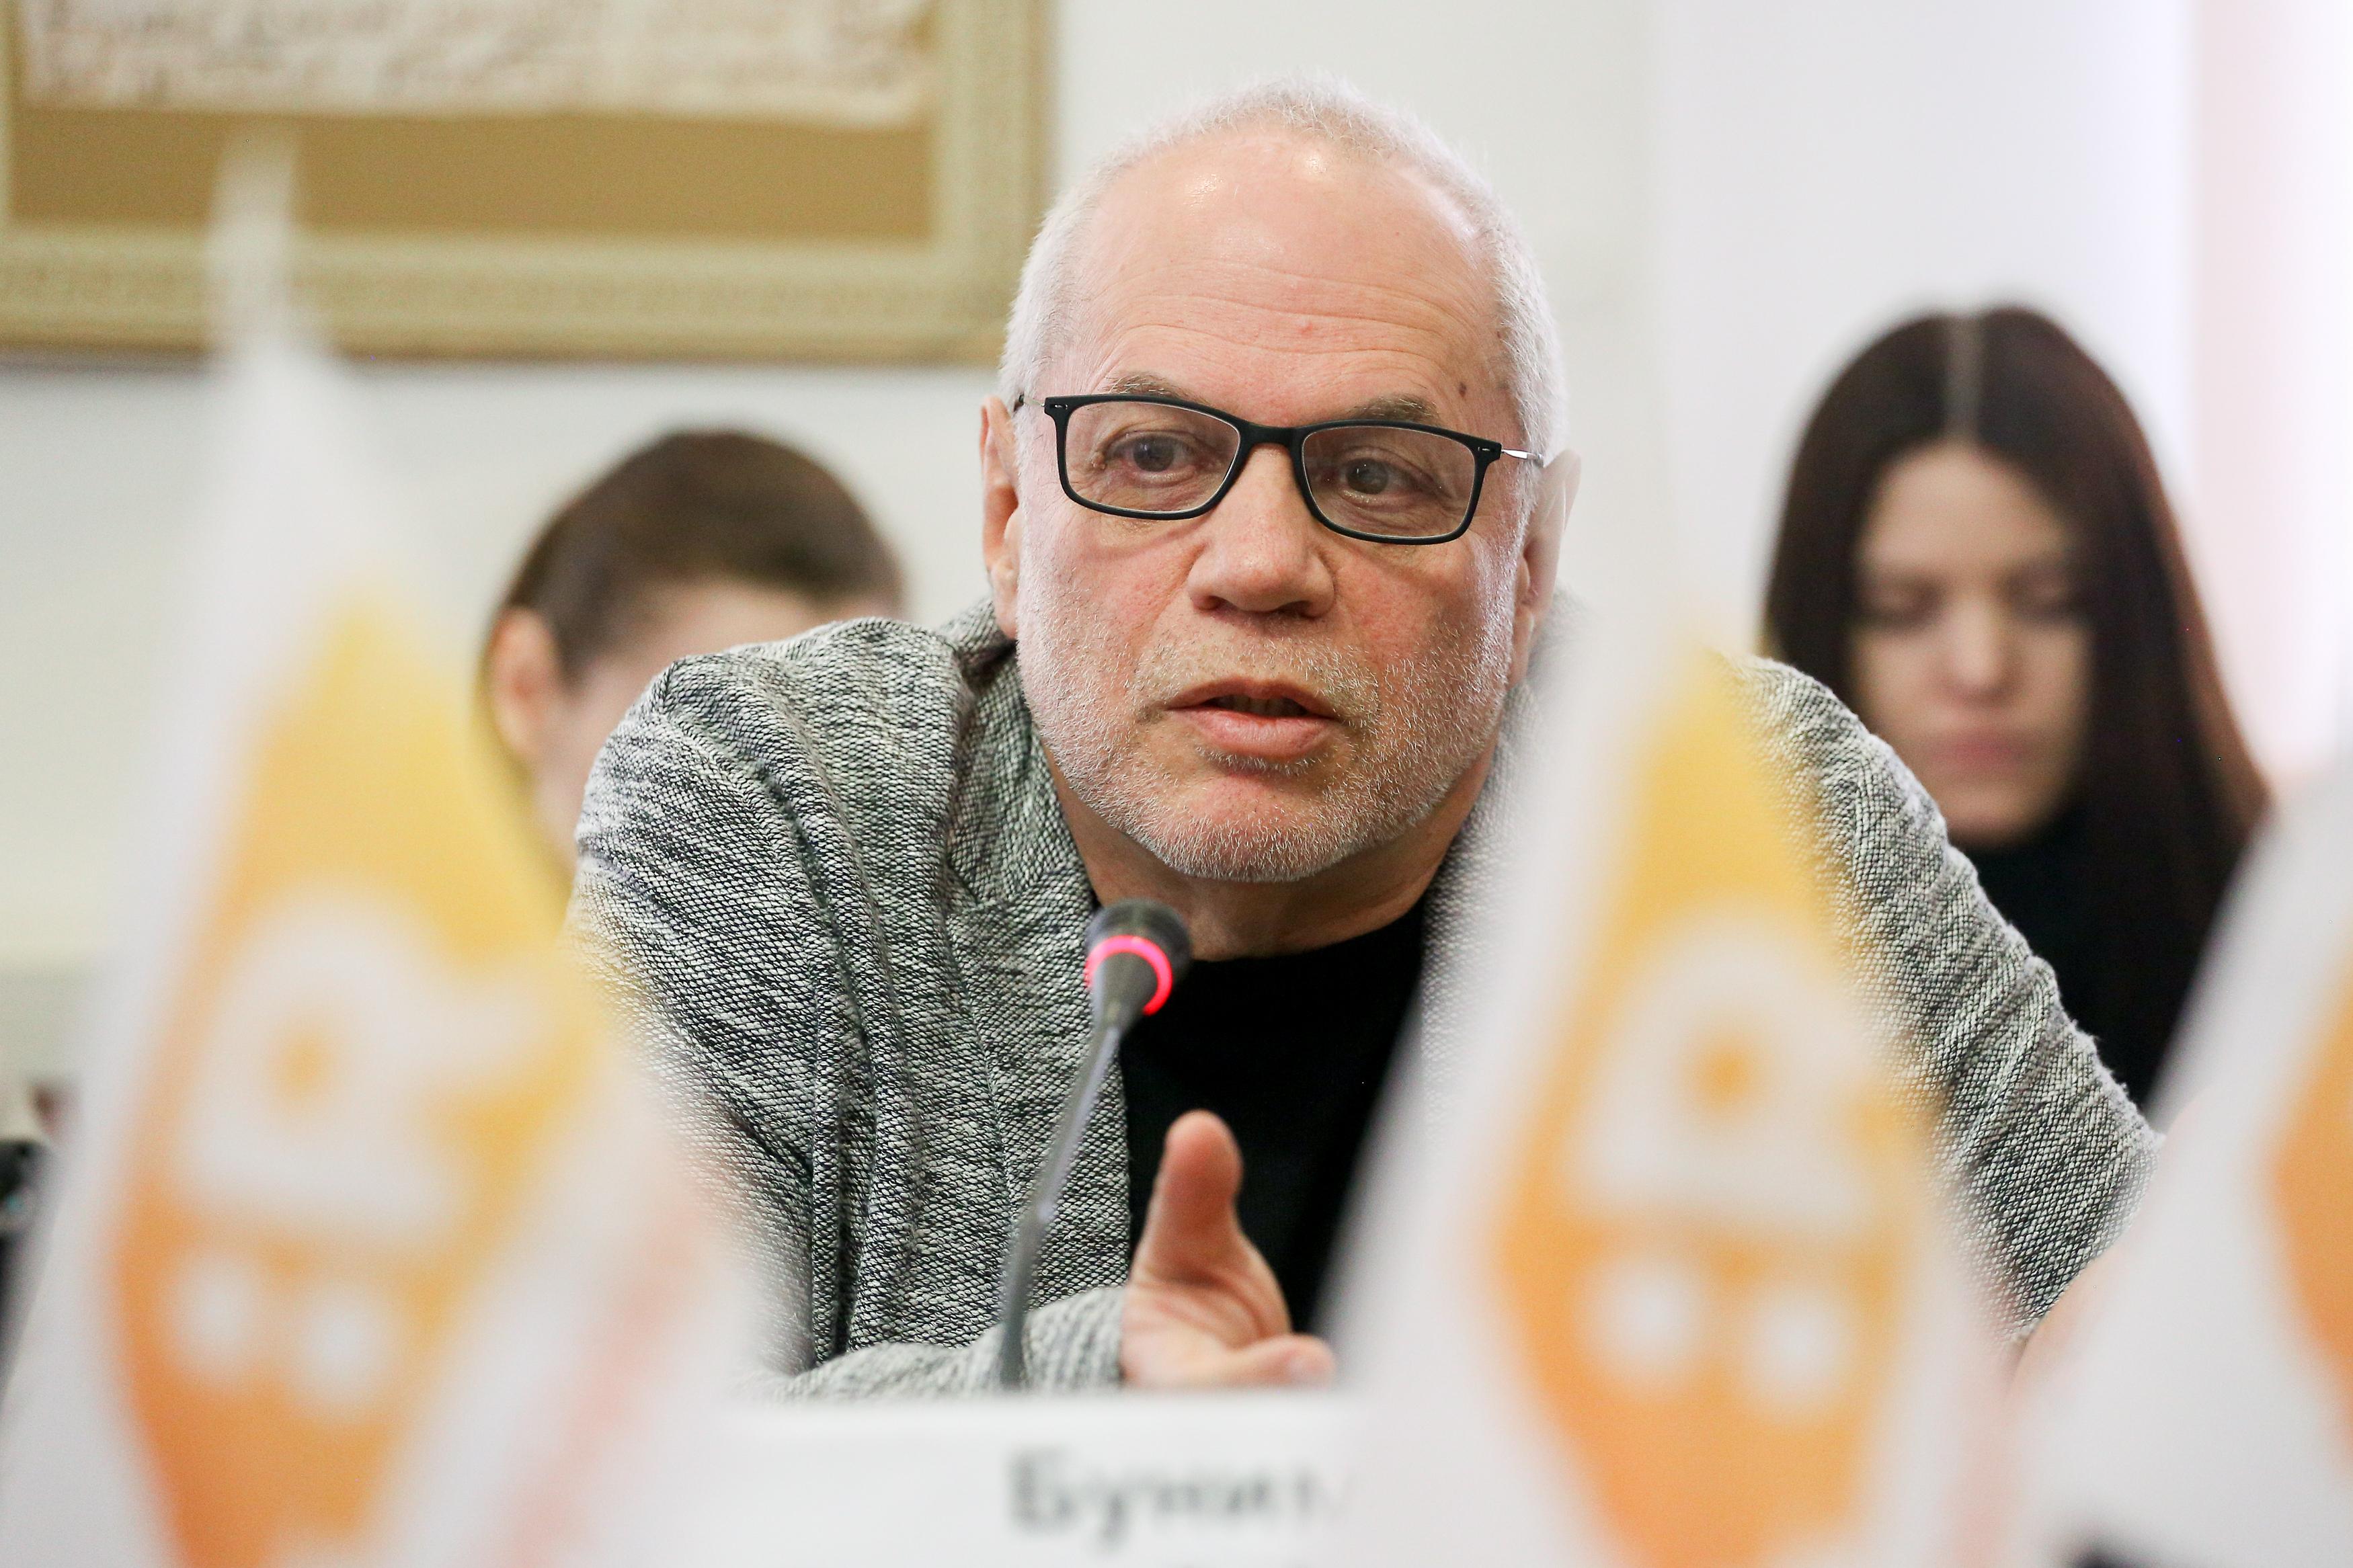 Евгений Бунимович, заслуженный учитель России, кандидат педагогических наук